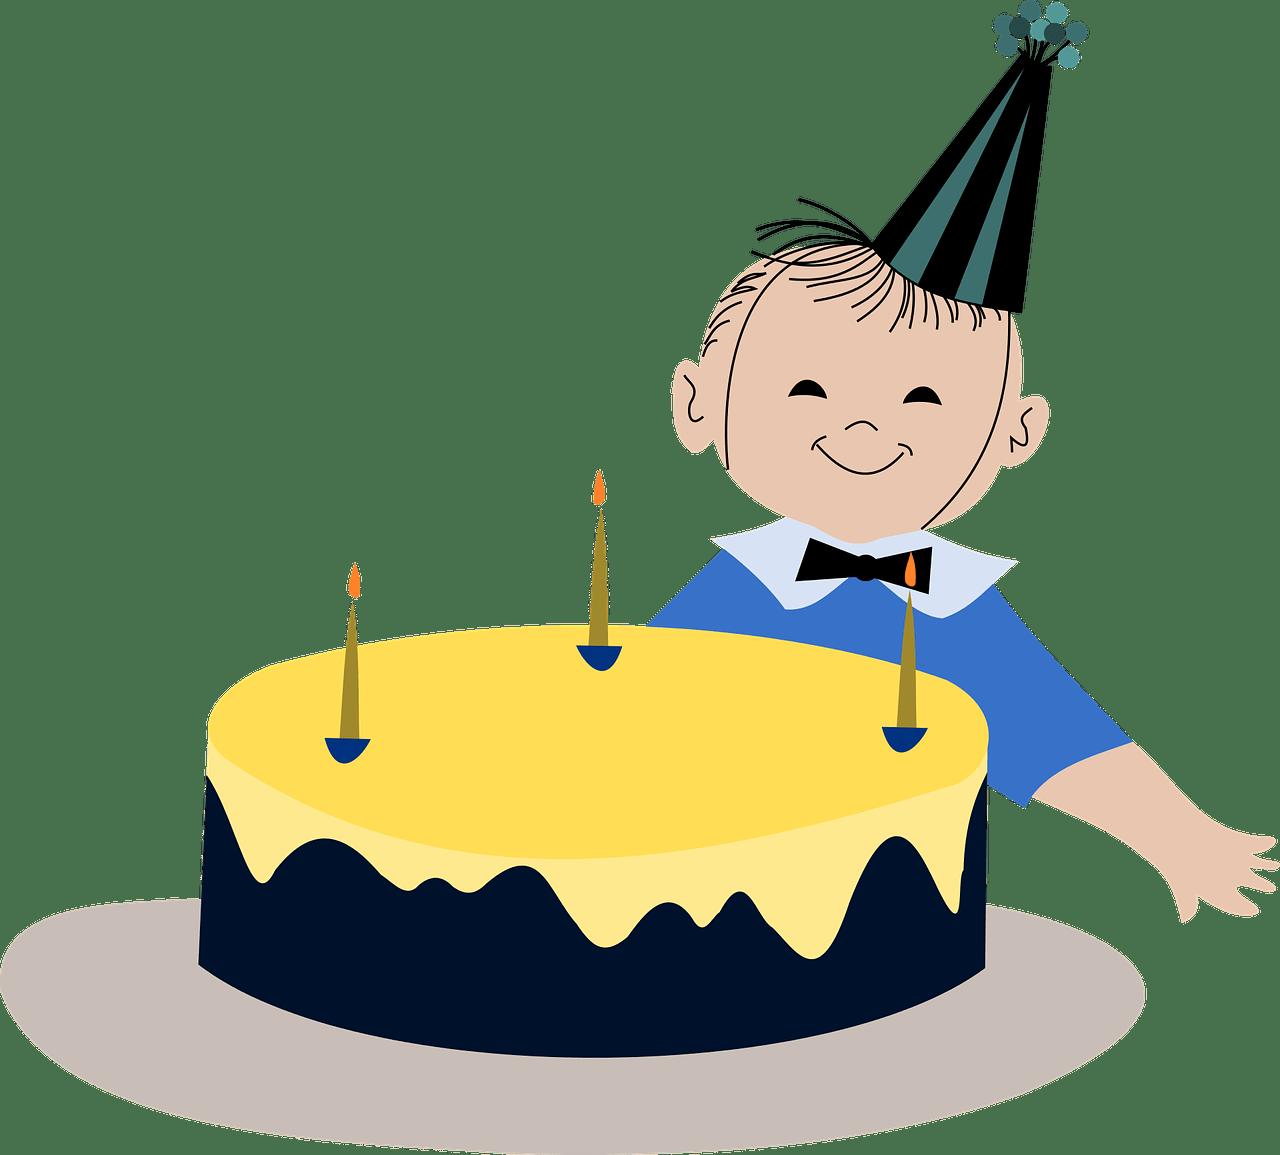 celebrating a birthday at Disney World